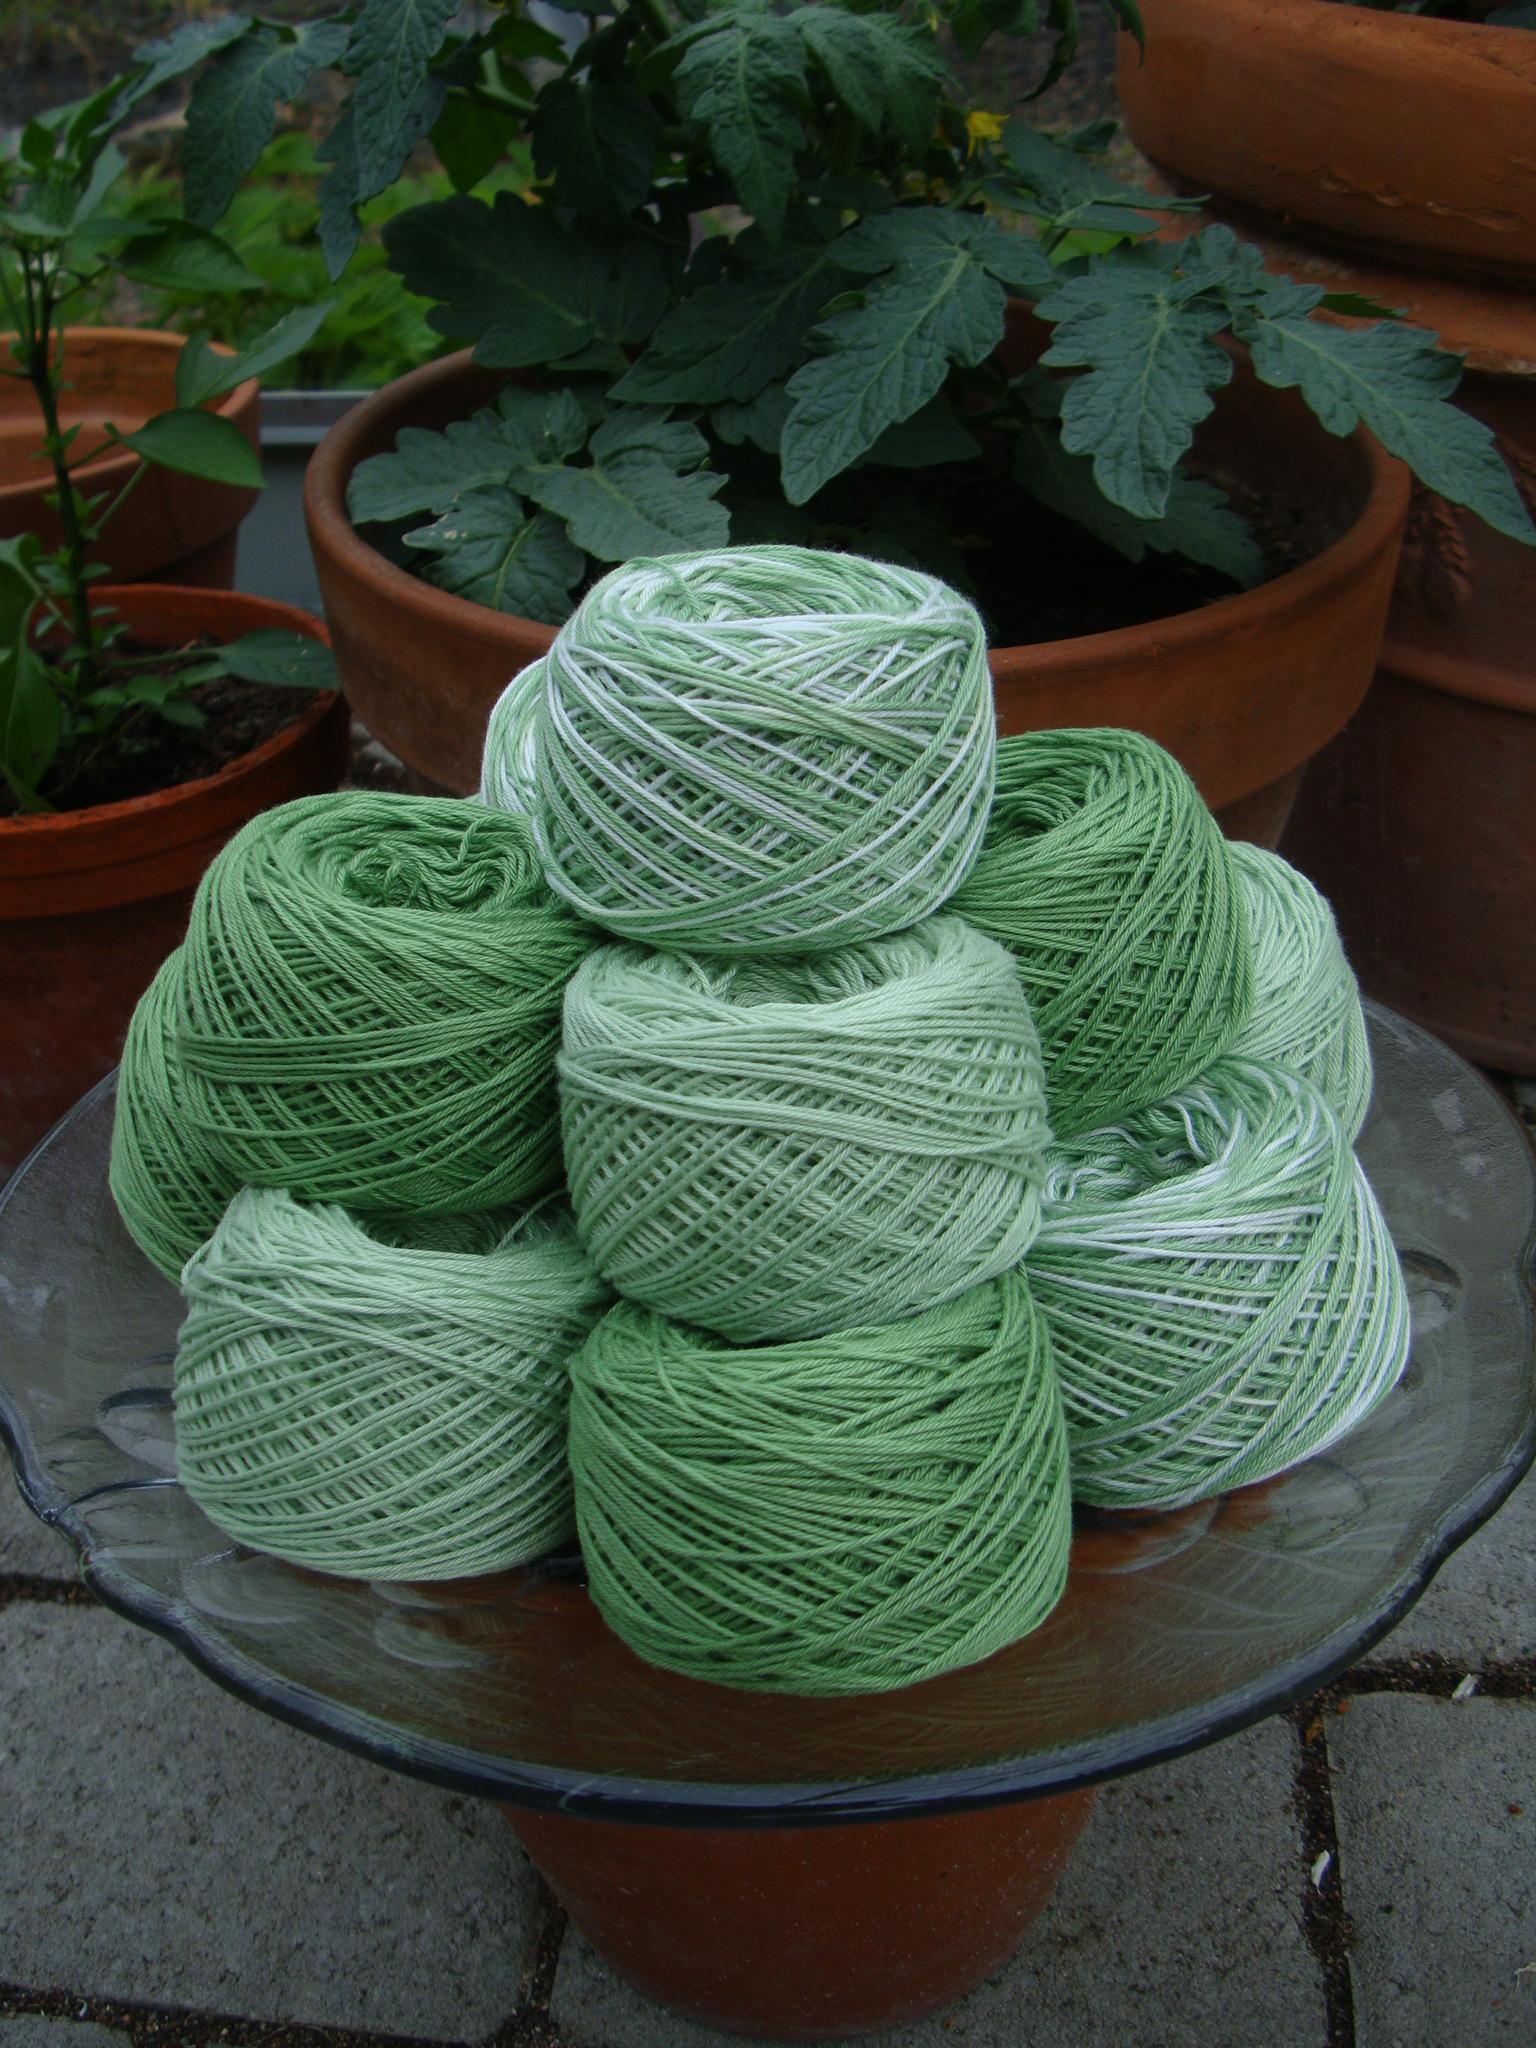 ekologiskt bomullsgarn handfärgat i gröna nyanser